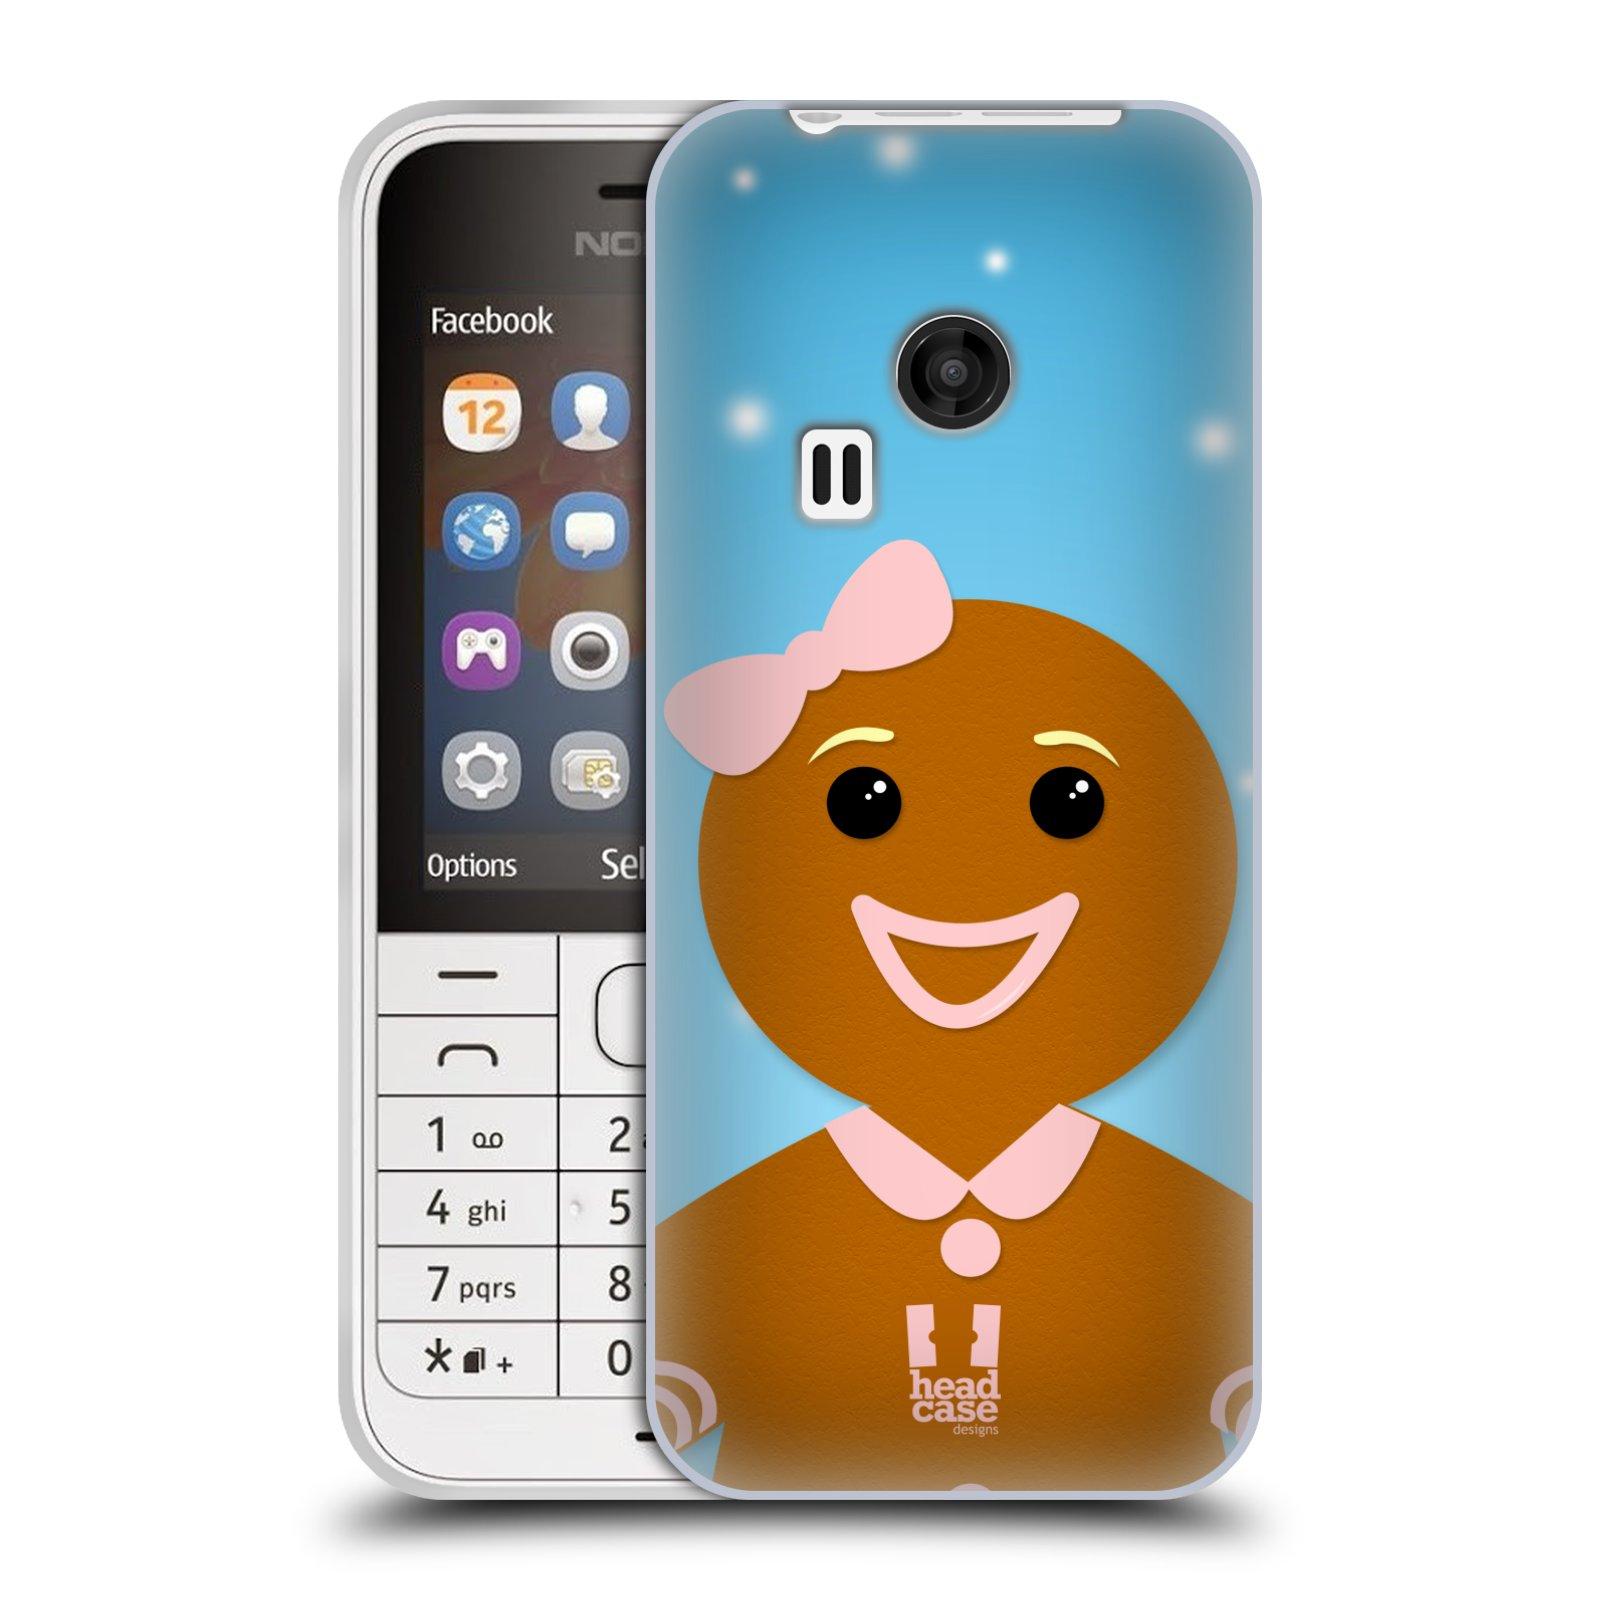 Silikonové pouzdro na mobil Nokia 220 HEAD CASE VÁNOCE PERNÍČEK (Silikonový kryt či obal na mobilní telefon Nokia 220 a 220 Dual SIM)